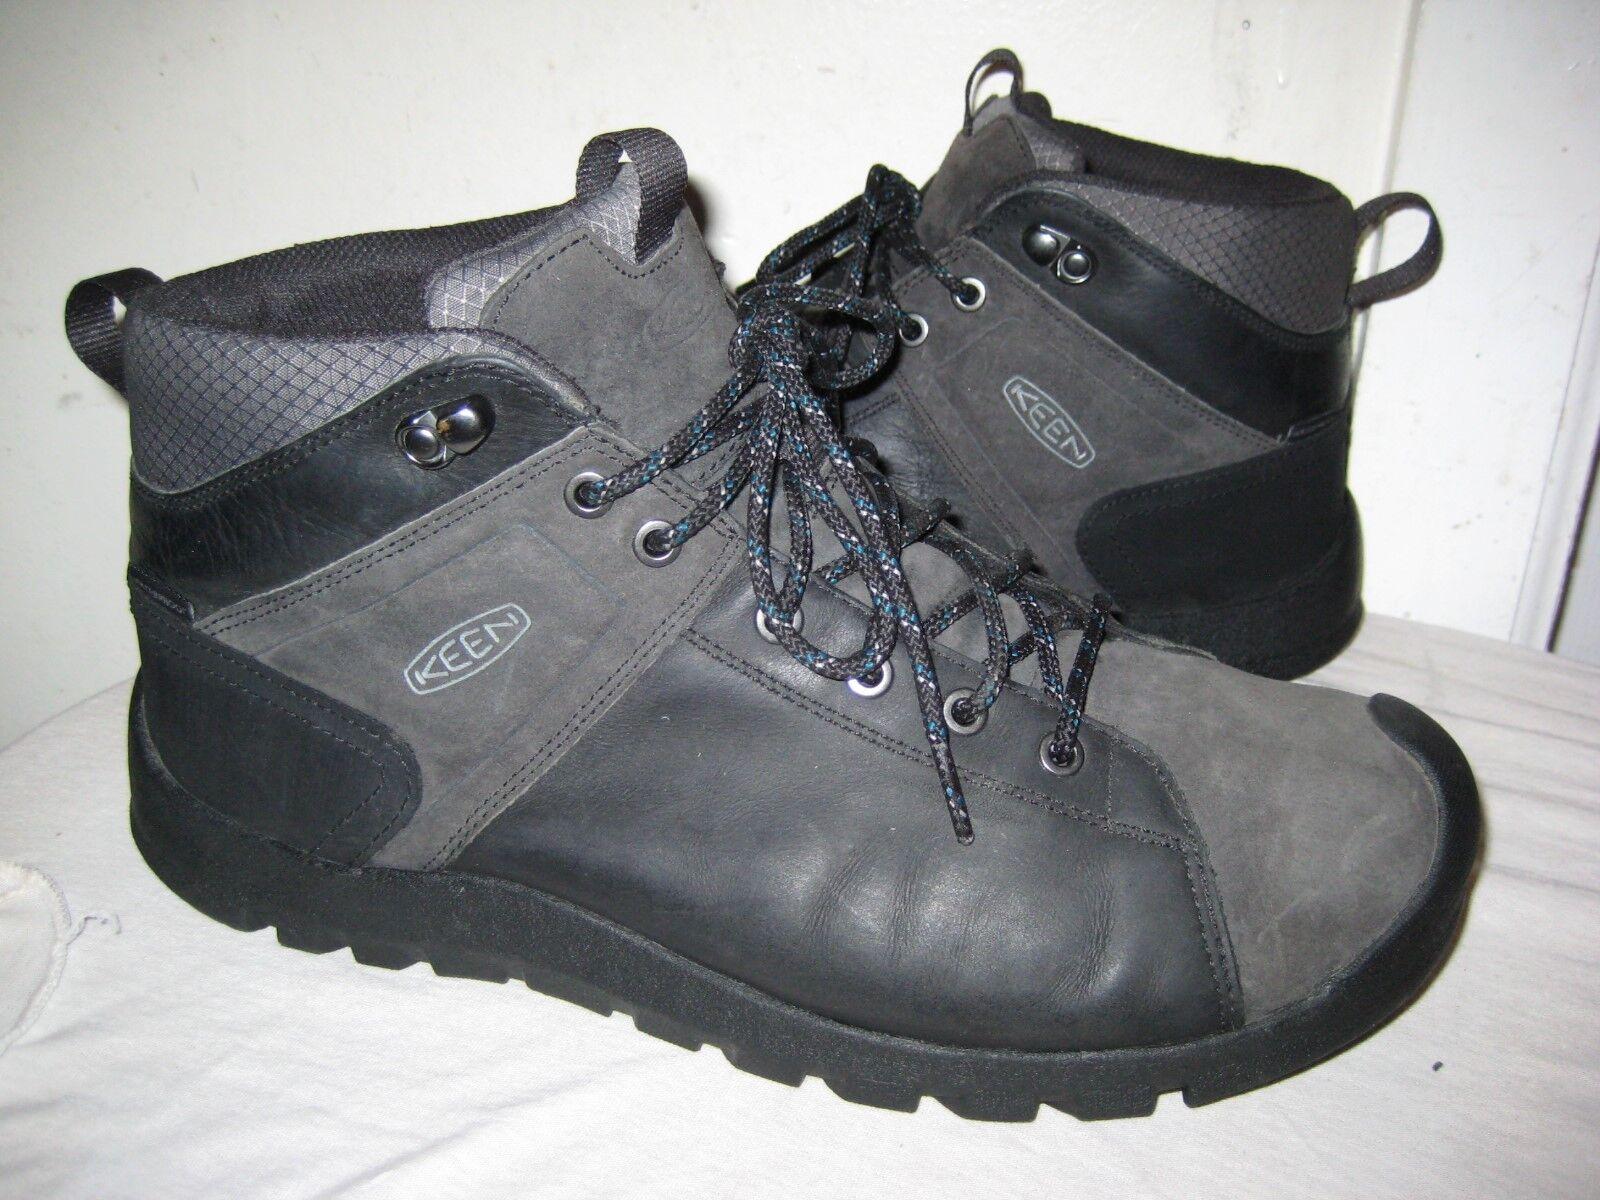 Keen Hombre Zapatos ciudadano Mid Impermeable Tamaño 47 13